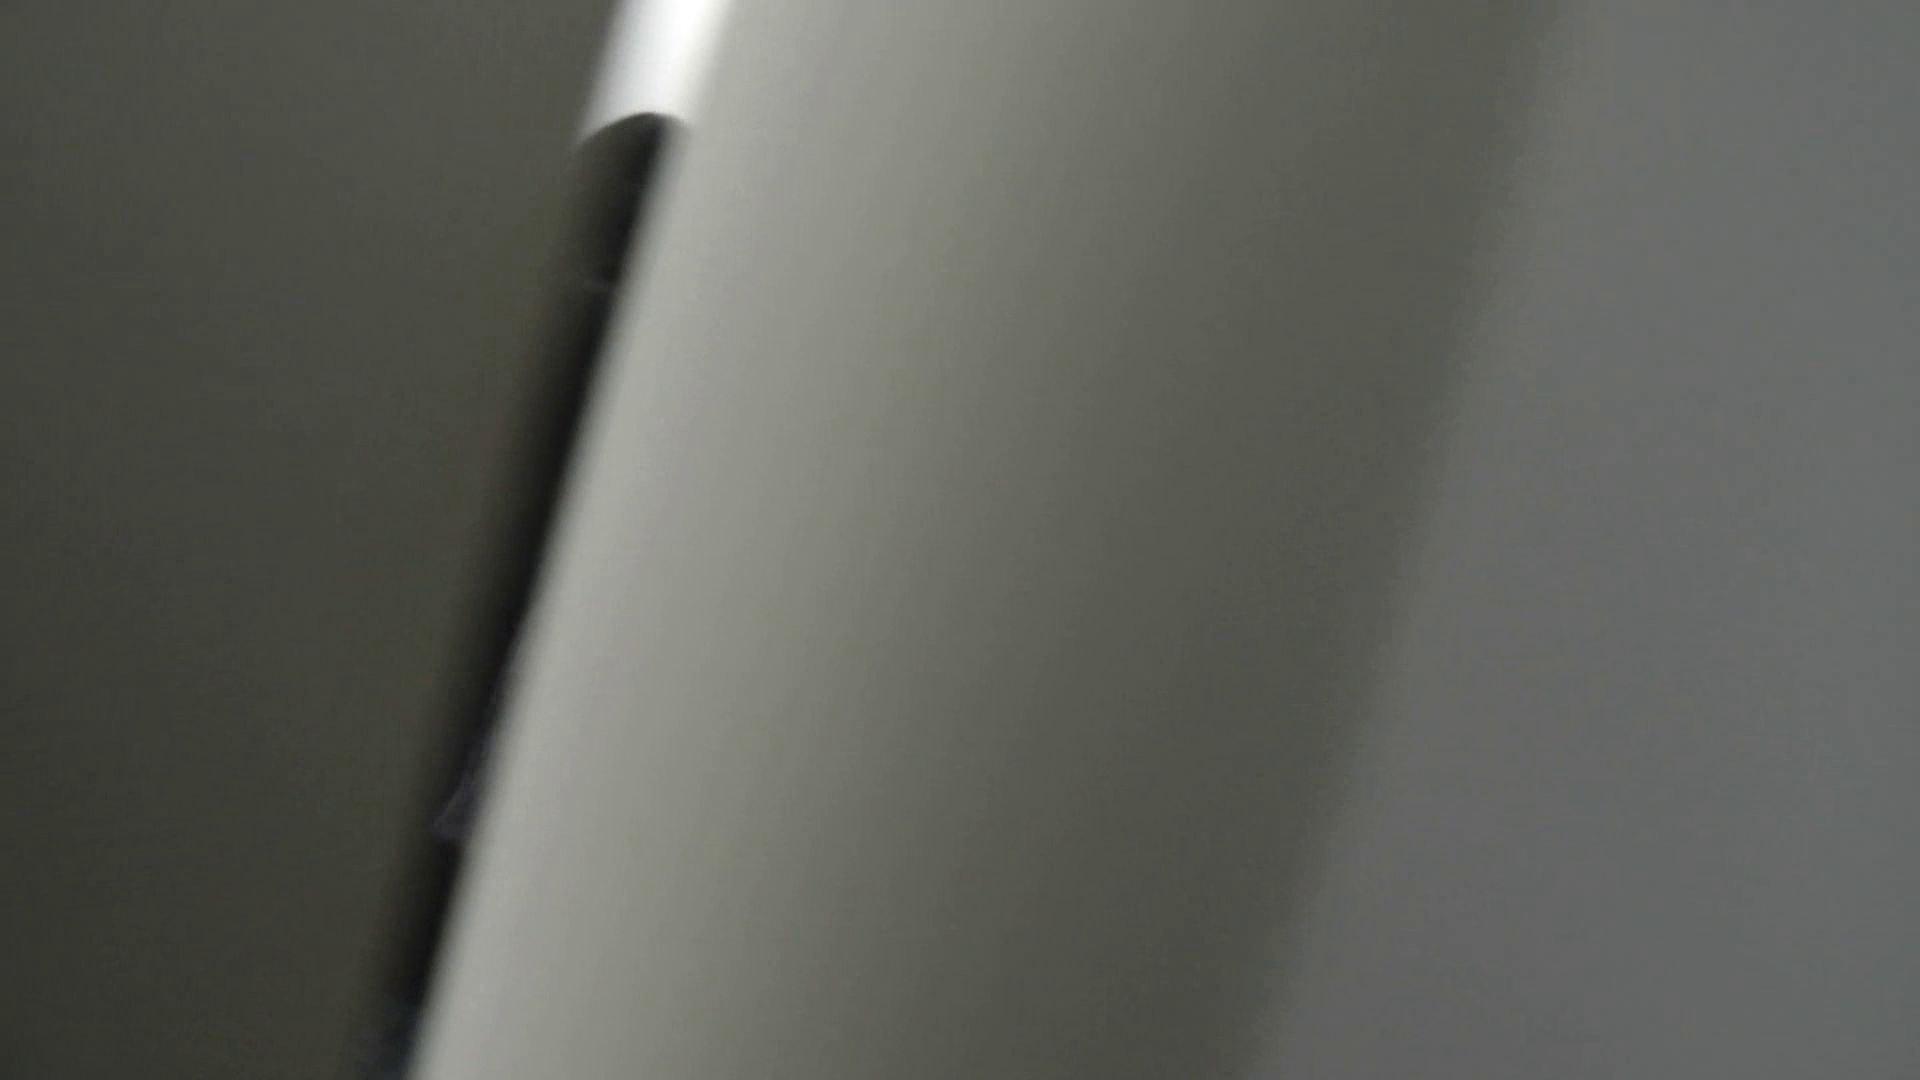 【日本成人用品展览会。超模如云】vol.01 着替|空爆 着替え | OL女体  66連発 4